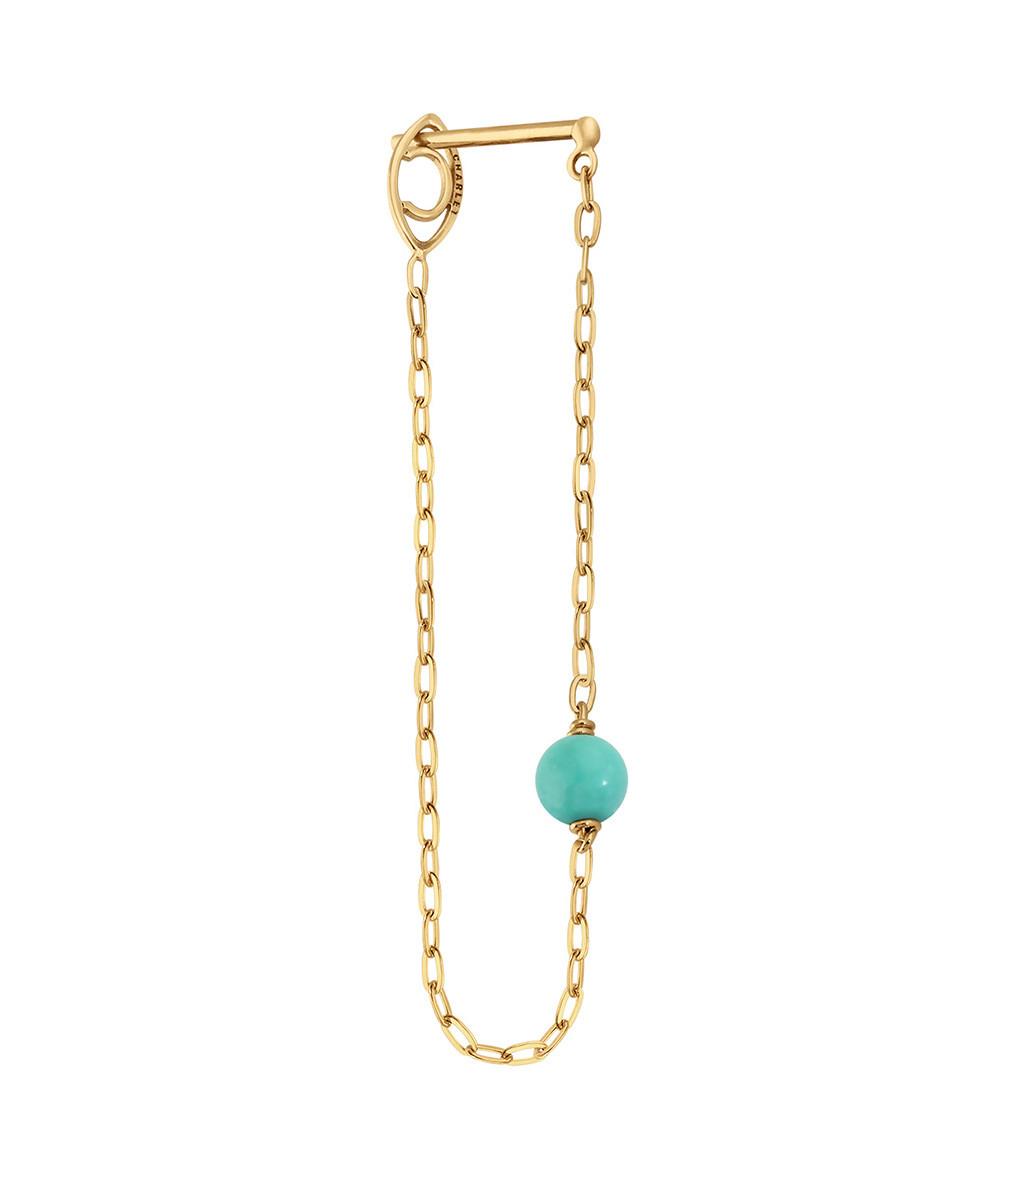 CHARLET - Boucle d'oreille Massilia Turquoise (vendue à l'unité)